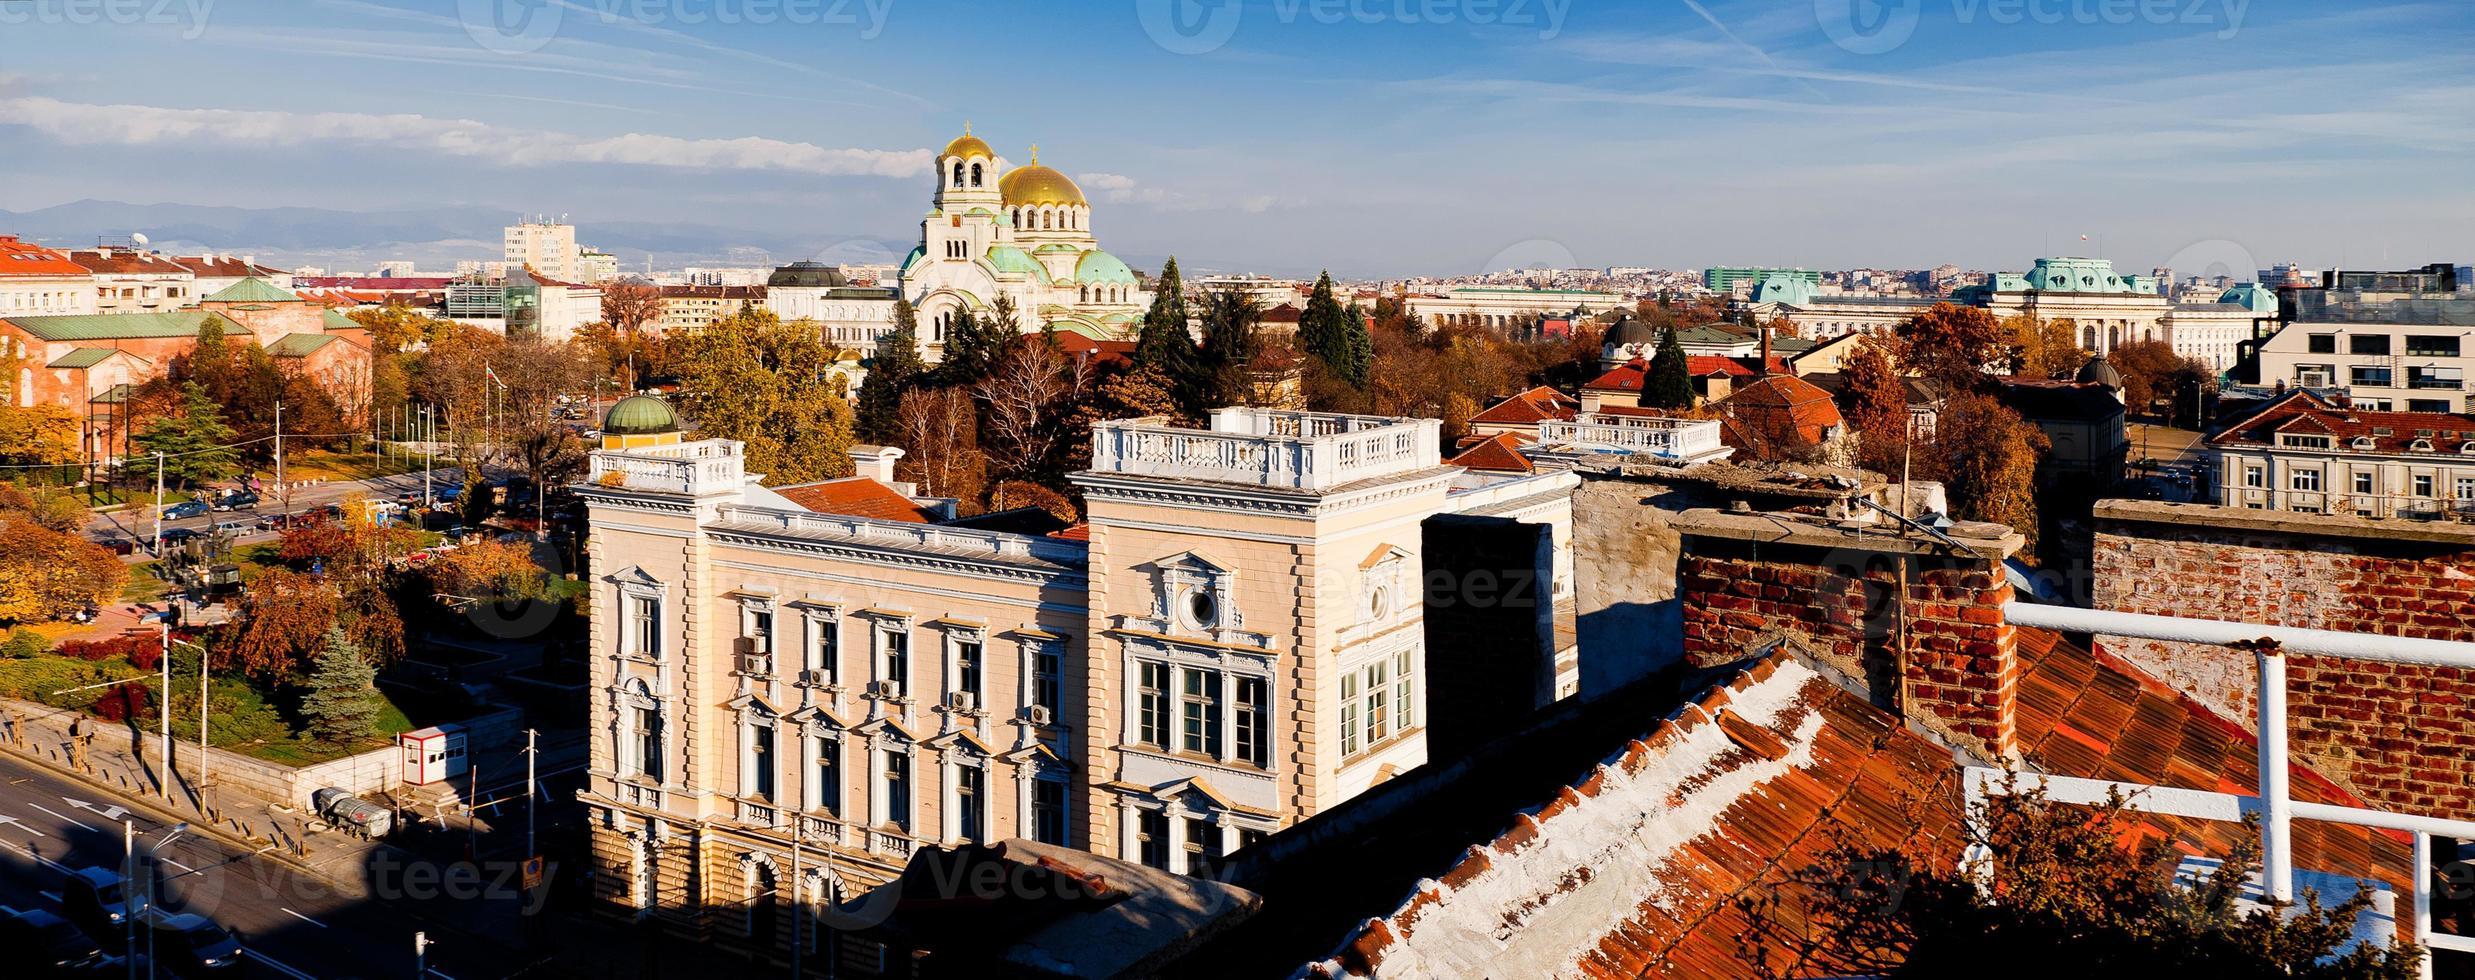 Sofia, Bulgaria view photo